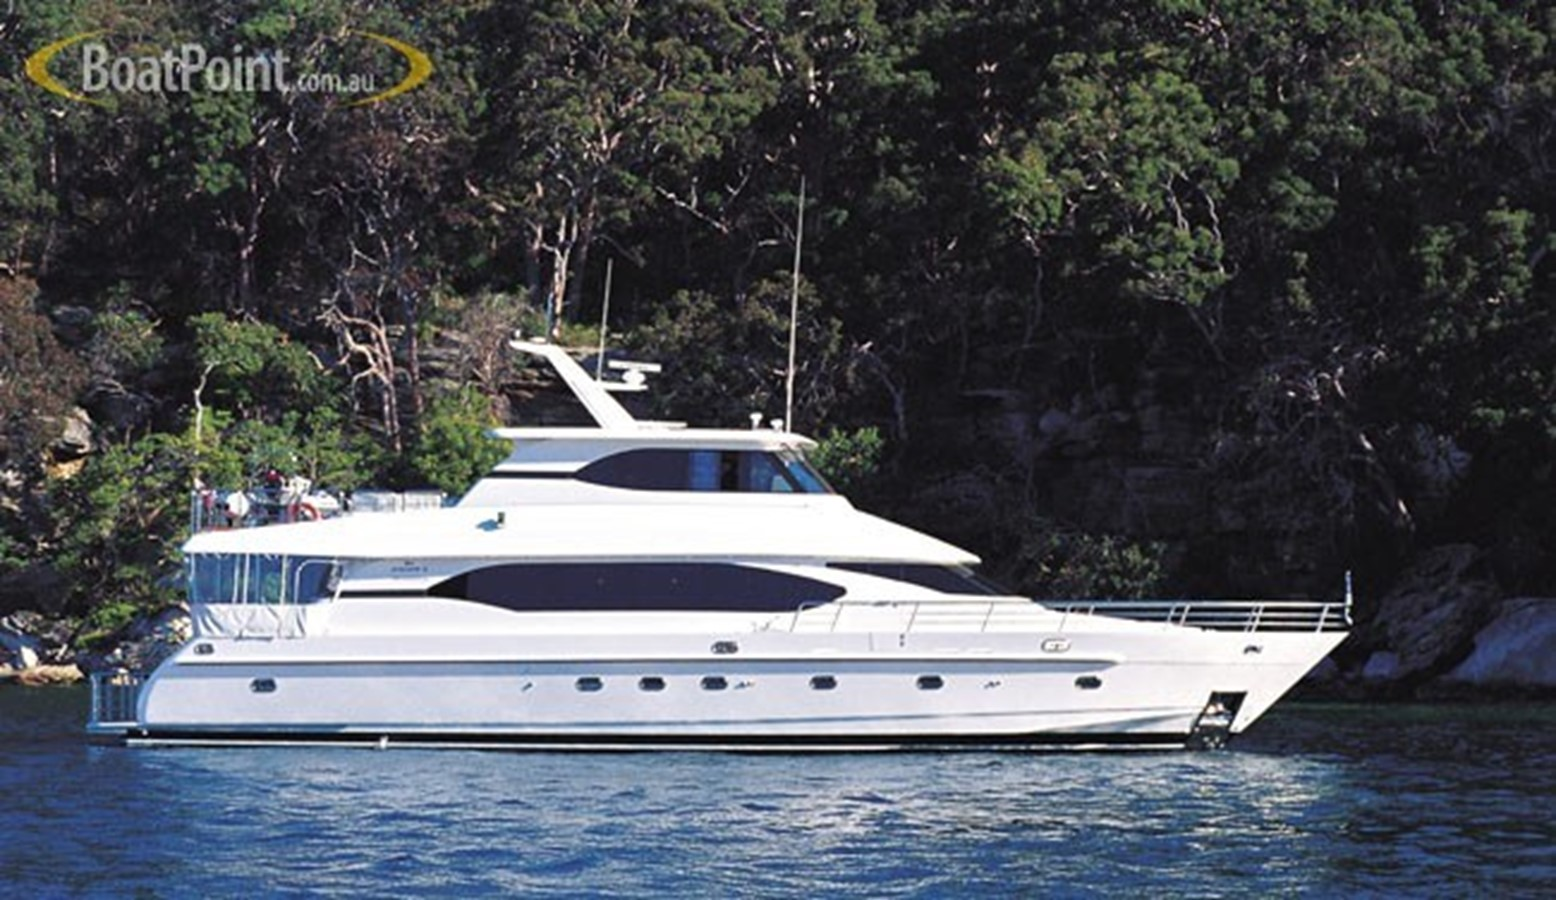 Oceanos yacht for sale